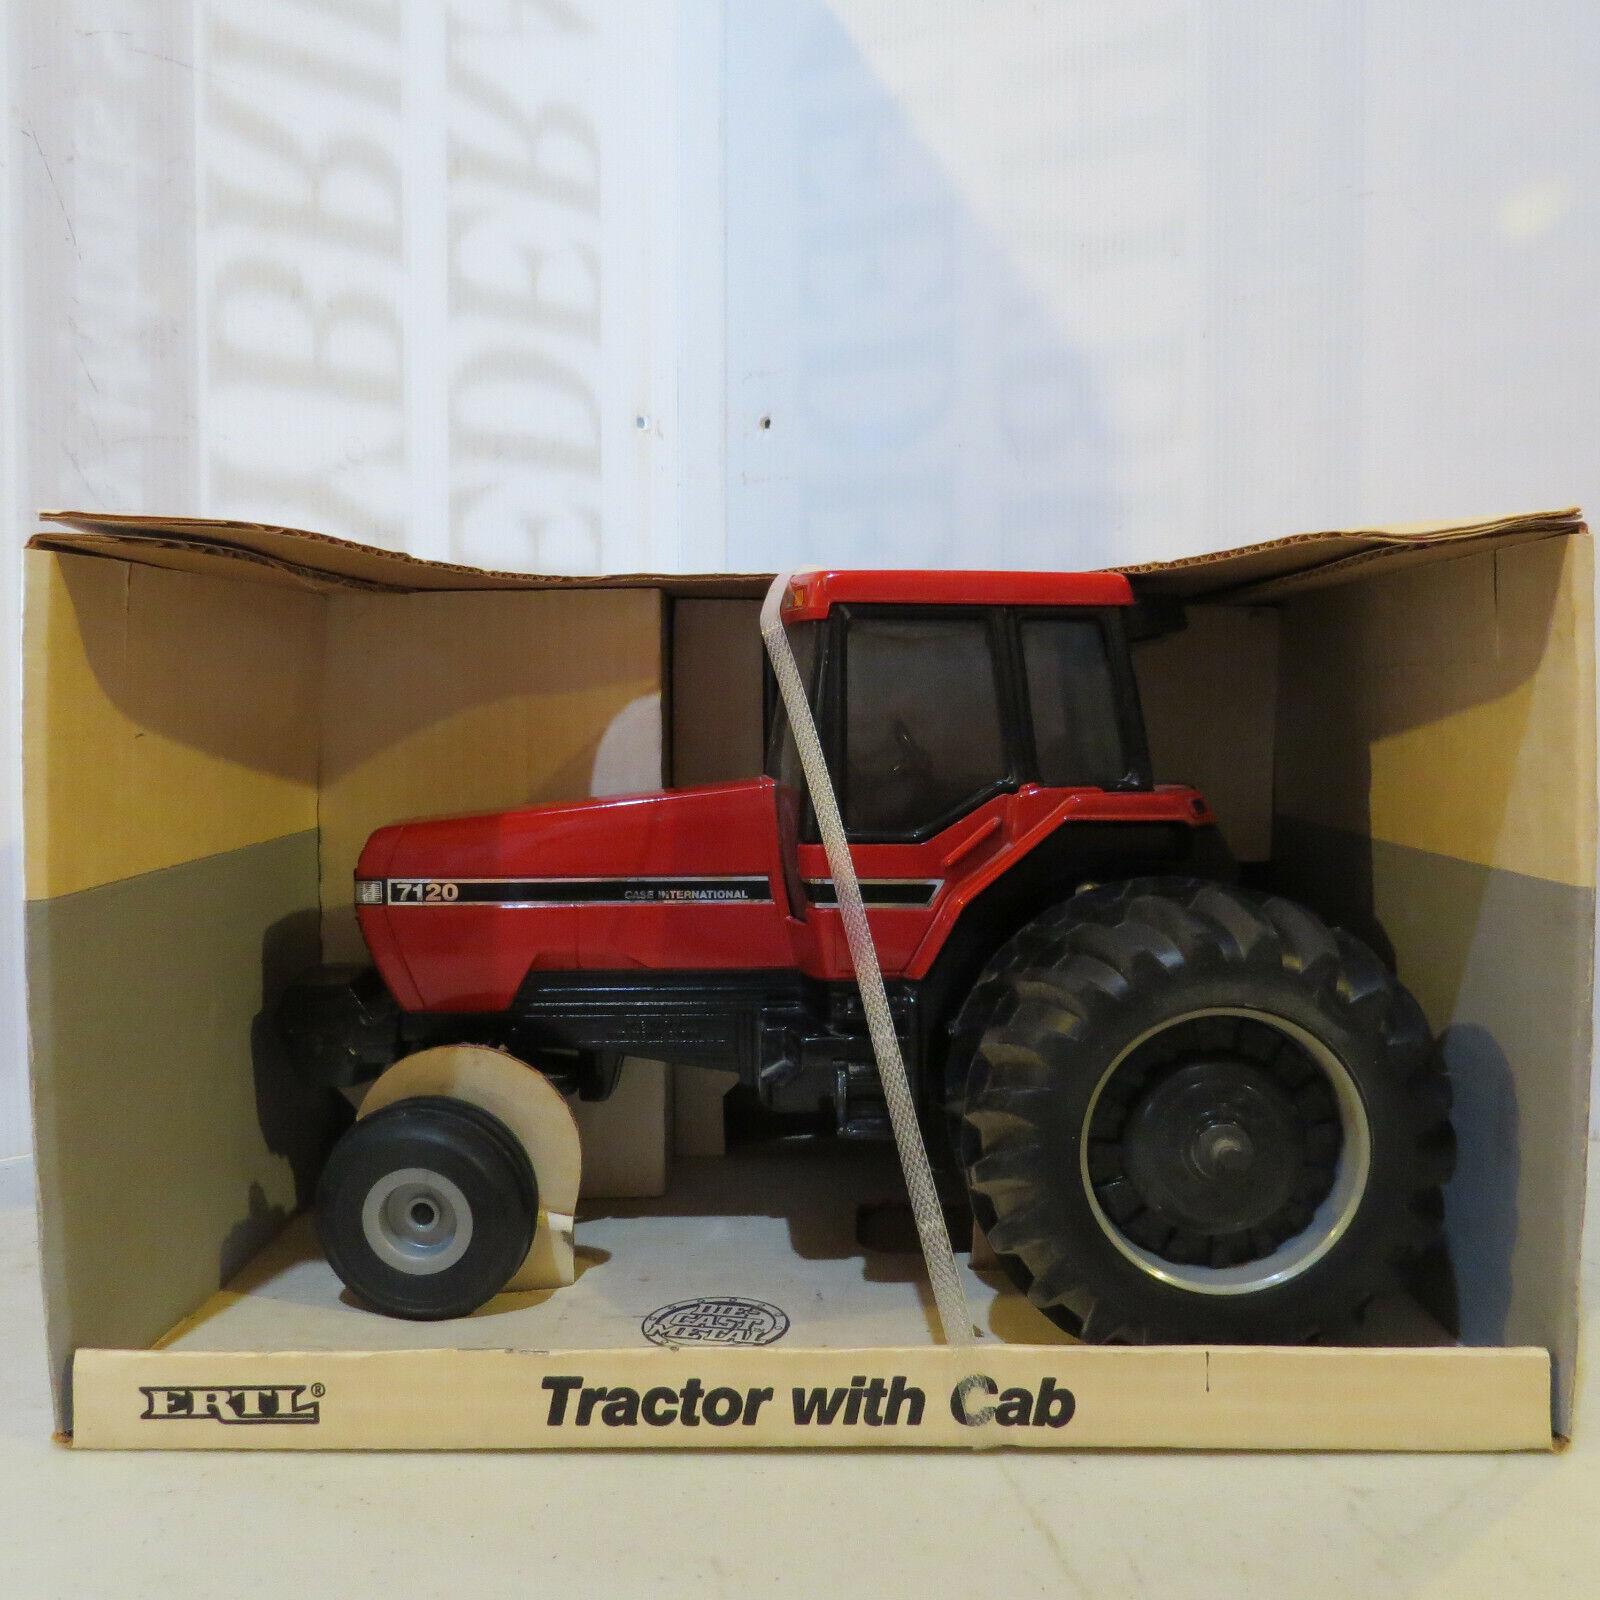 ERTL caseih 7120 2WD tracteur édition spéciale IH345